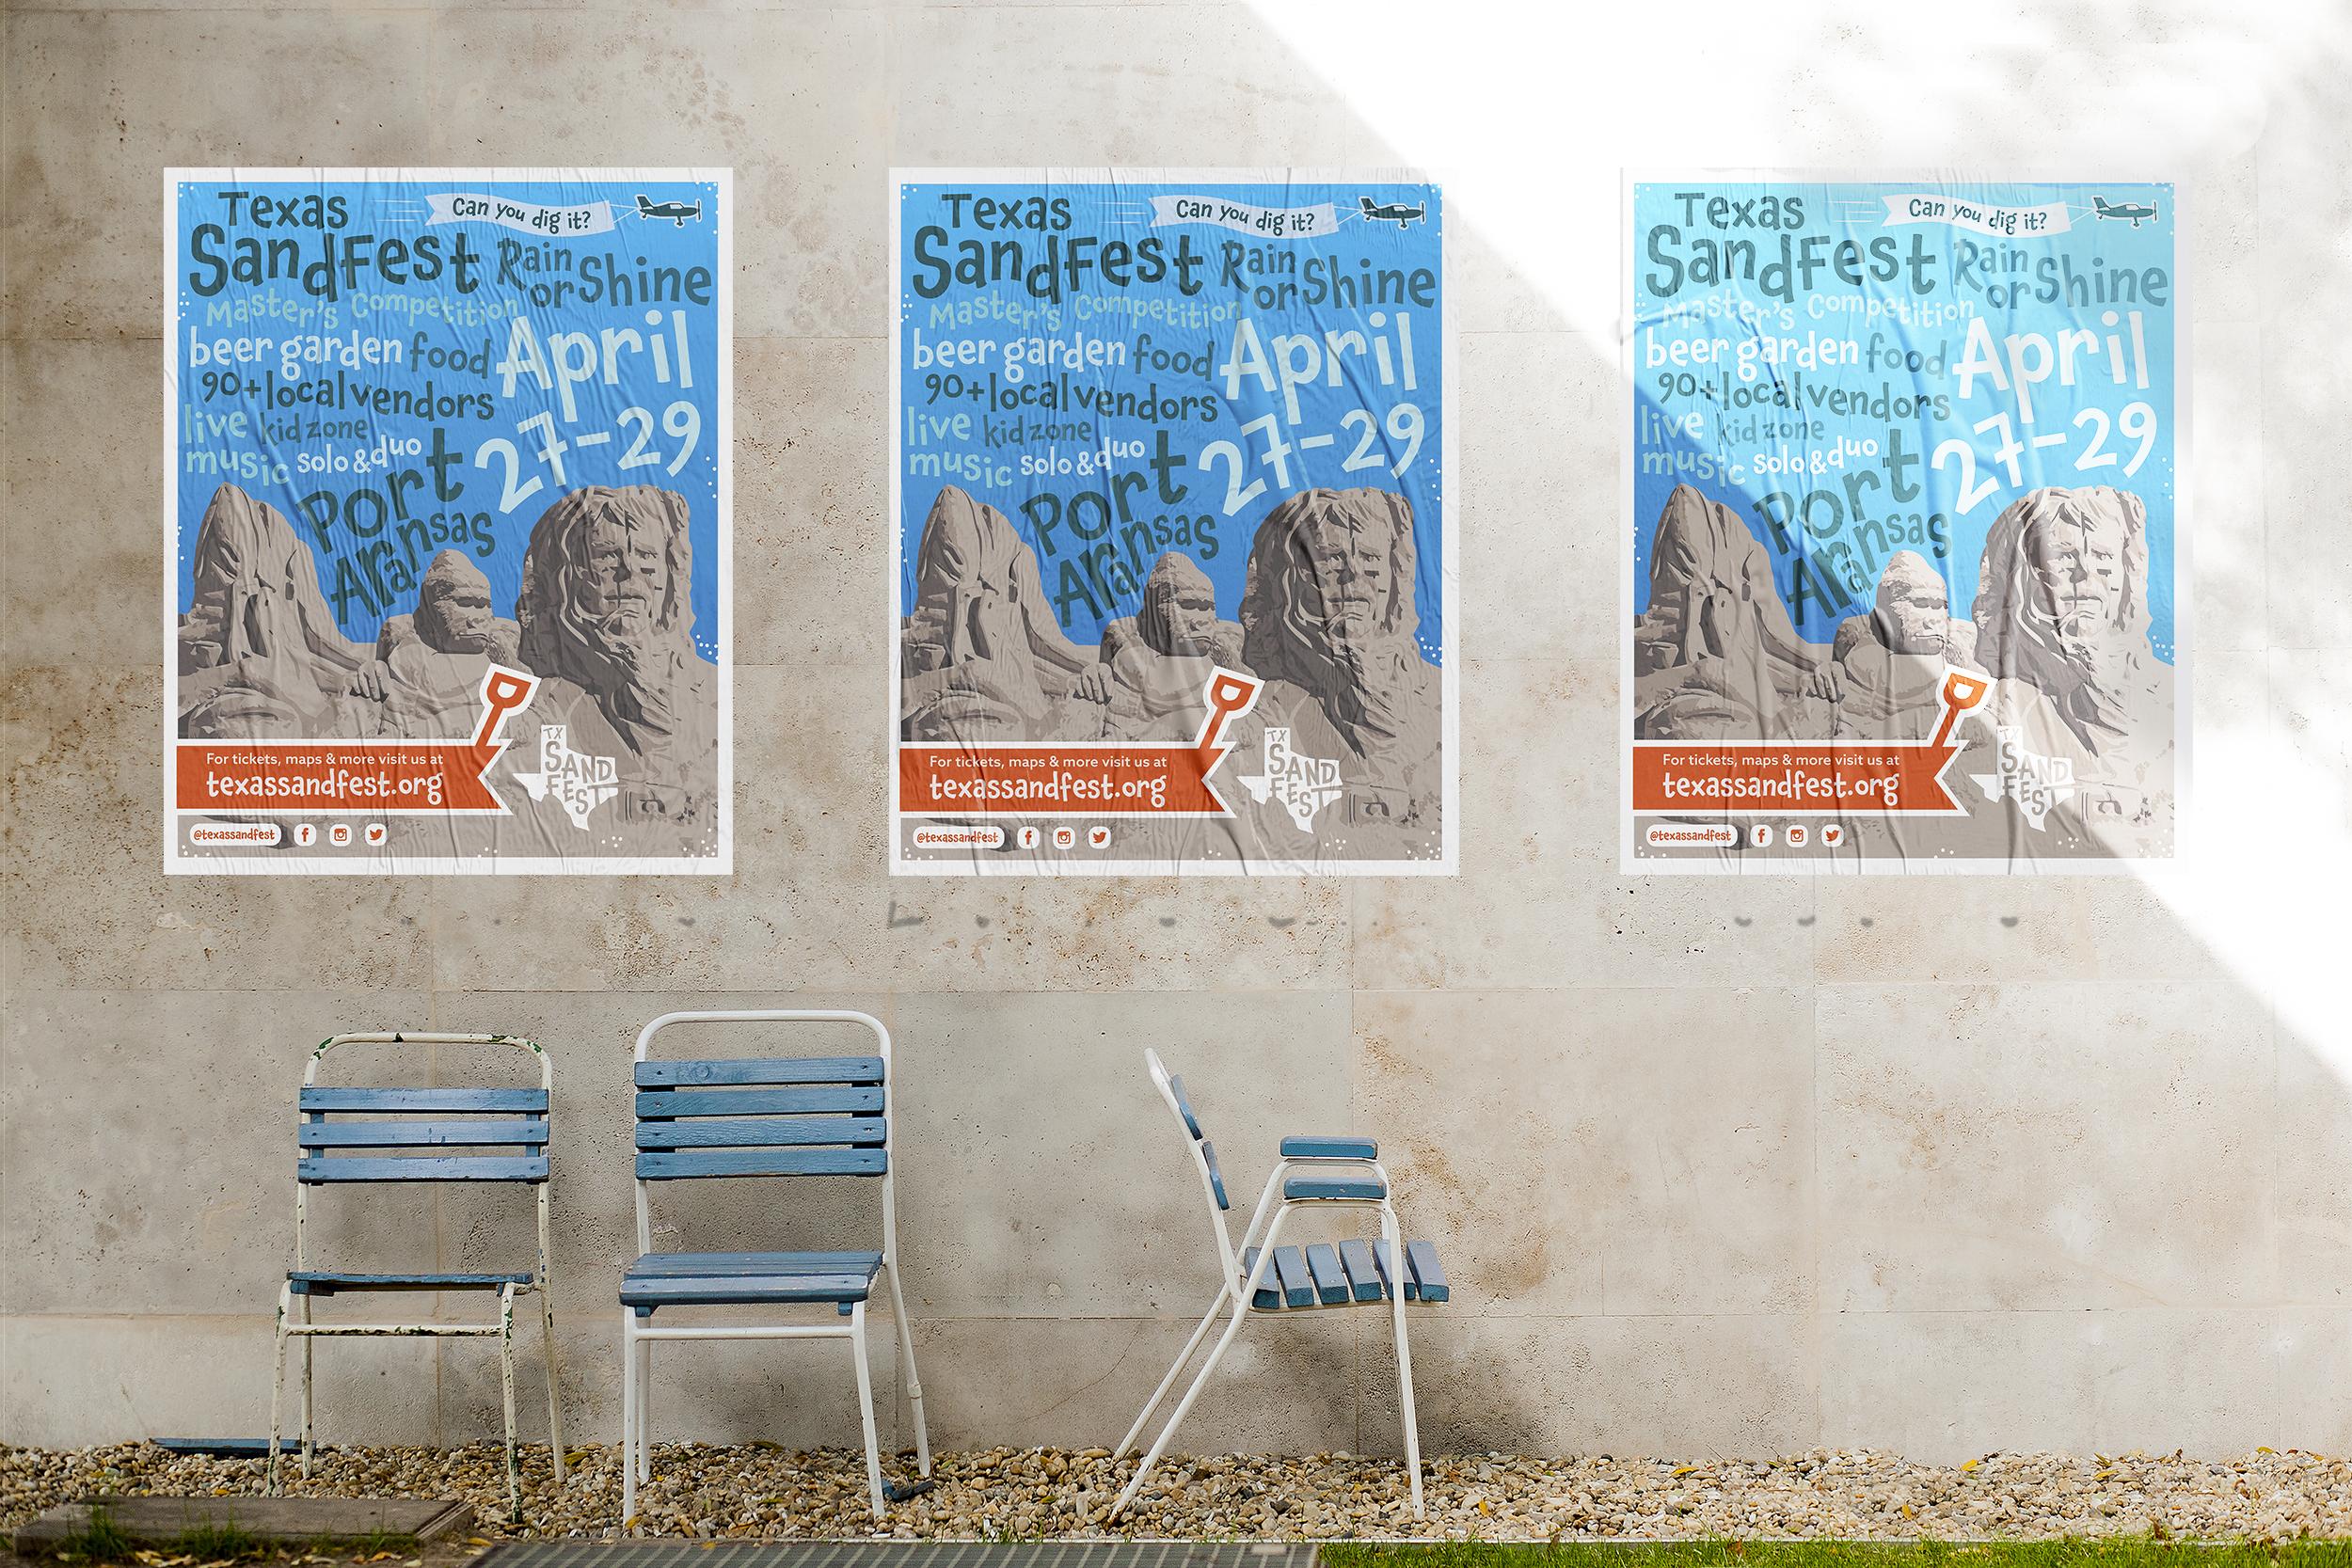 sandfest final poster mockup.jpg